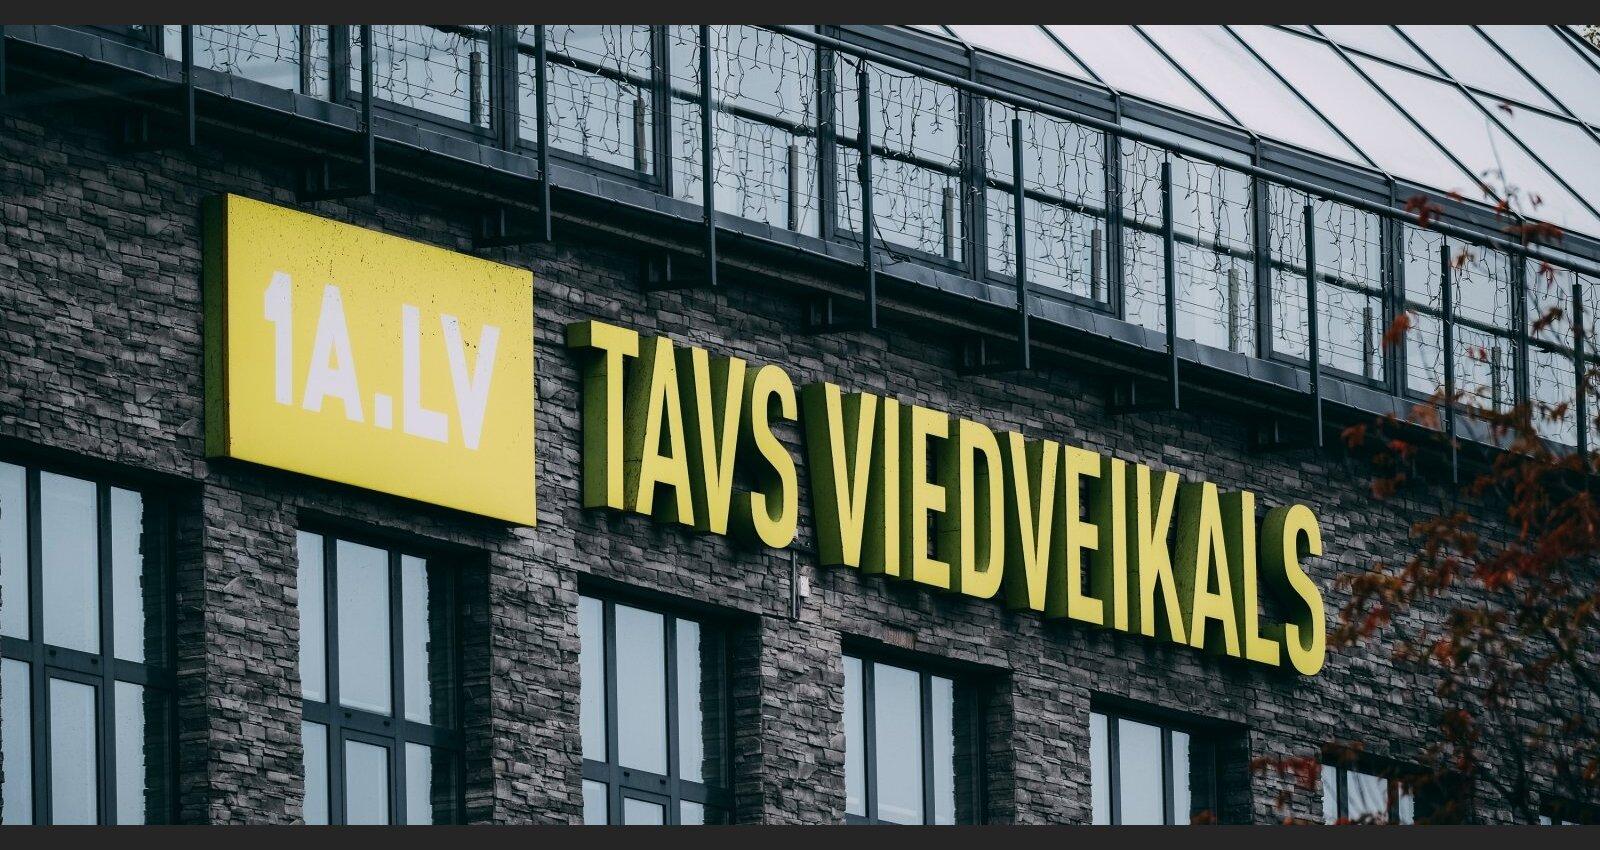 '1a.lv' pārvaldošā uzņēmuma maiņa sāpīgi trāpa Latvijas statistikai